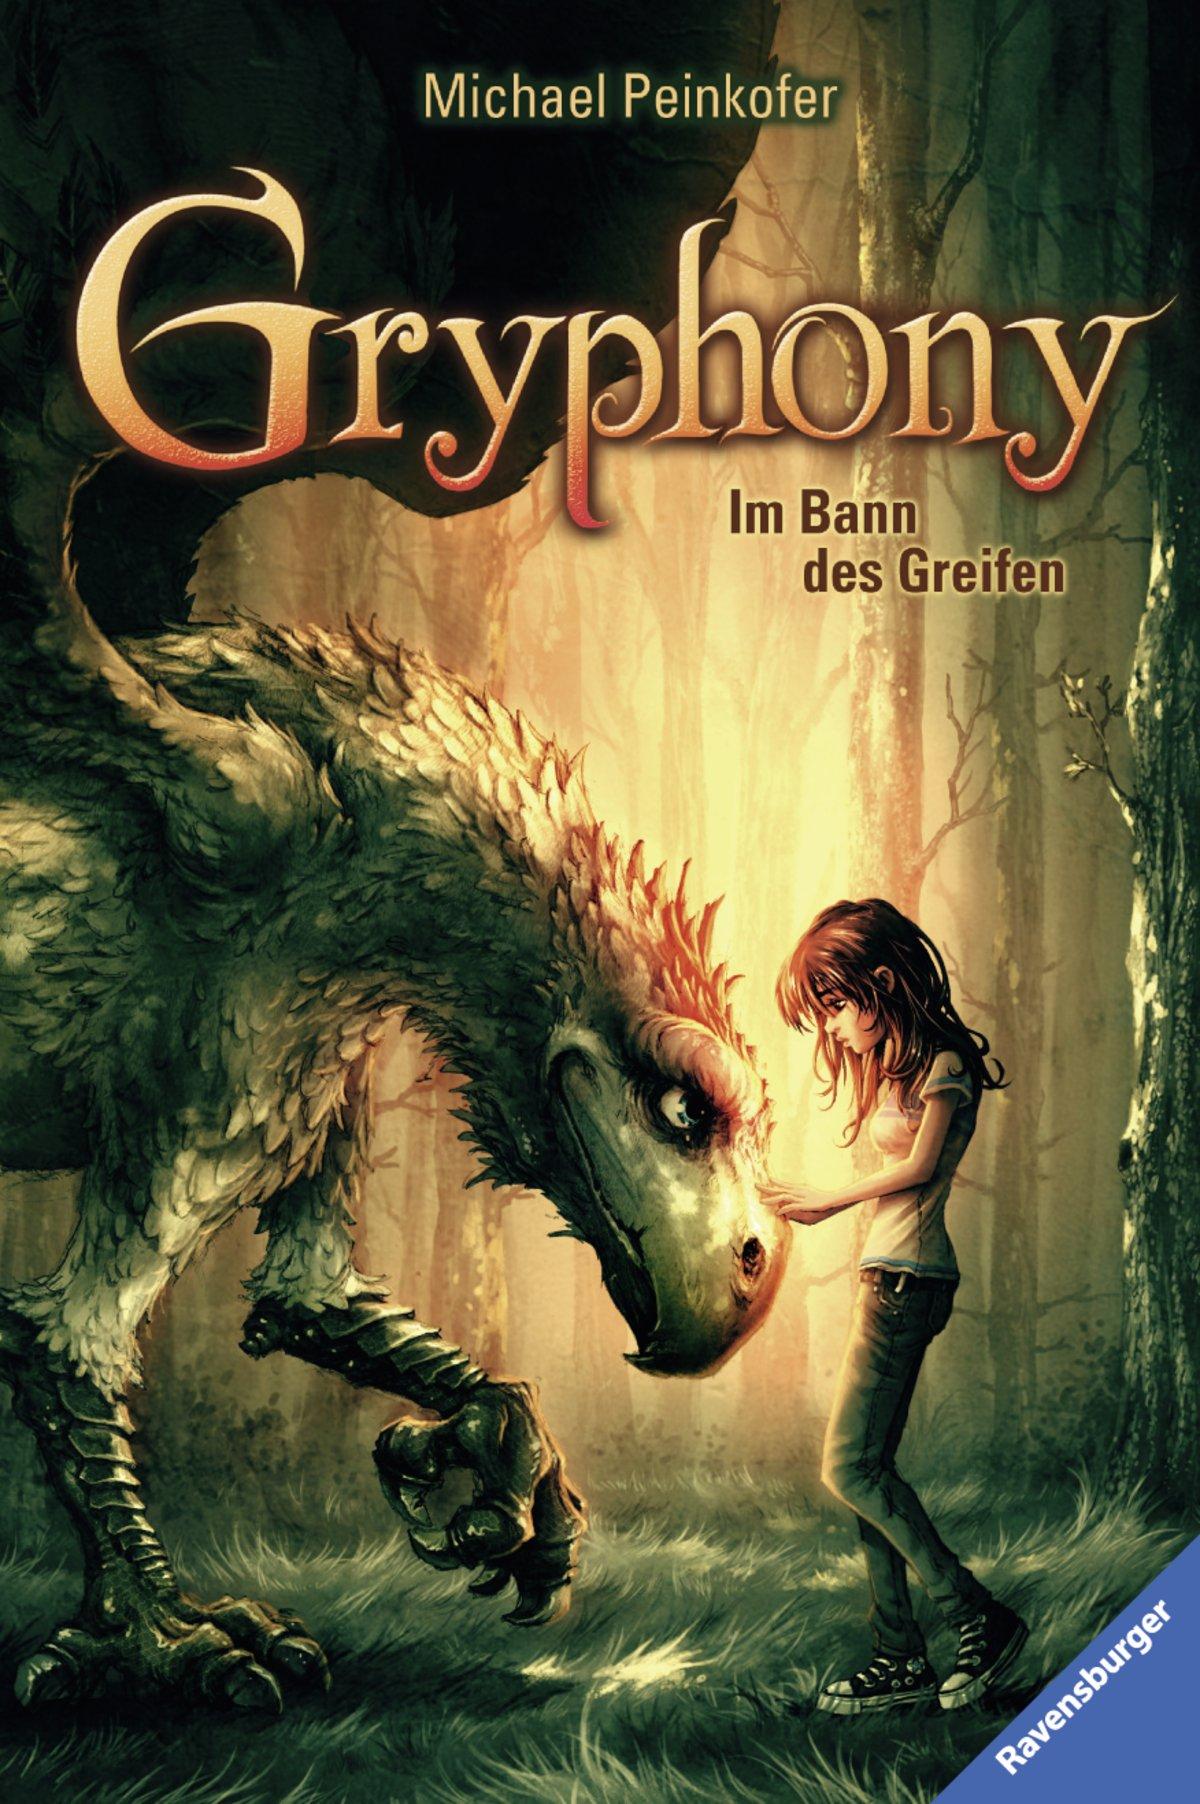 [Rezension] Gryphony – Im Bann des Greifen von Michael Peinkofer